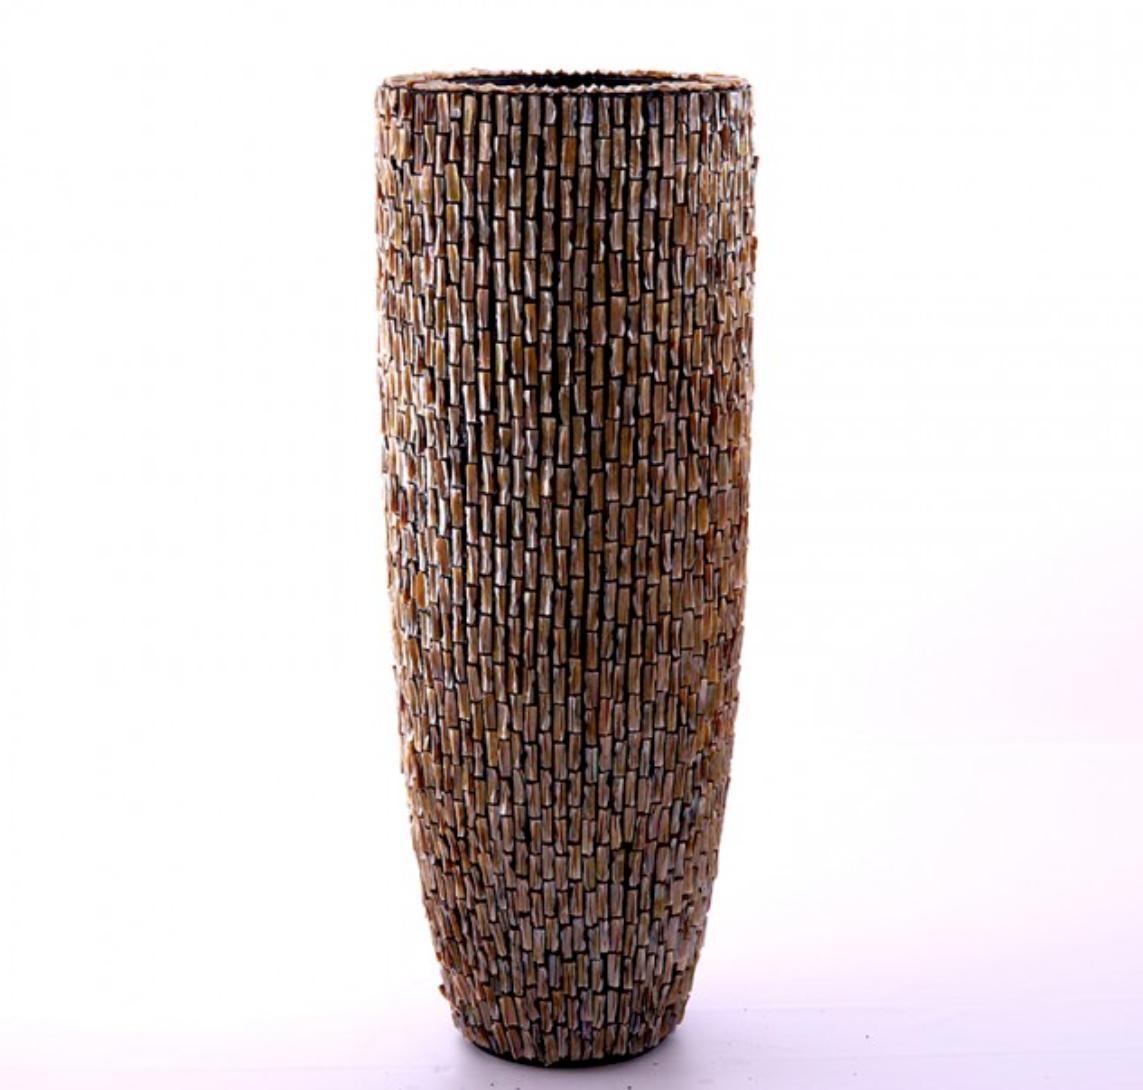 Shell vase Lausanne - H152 cm